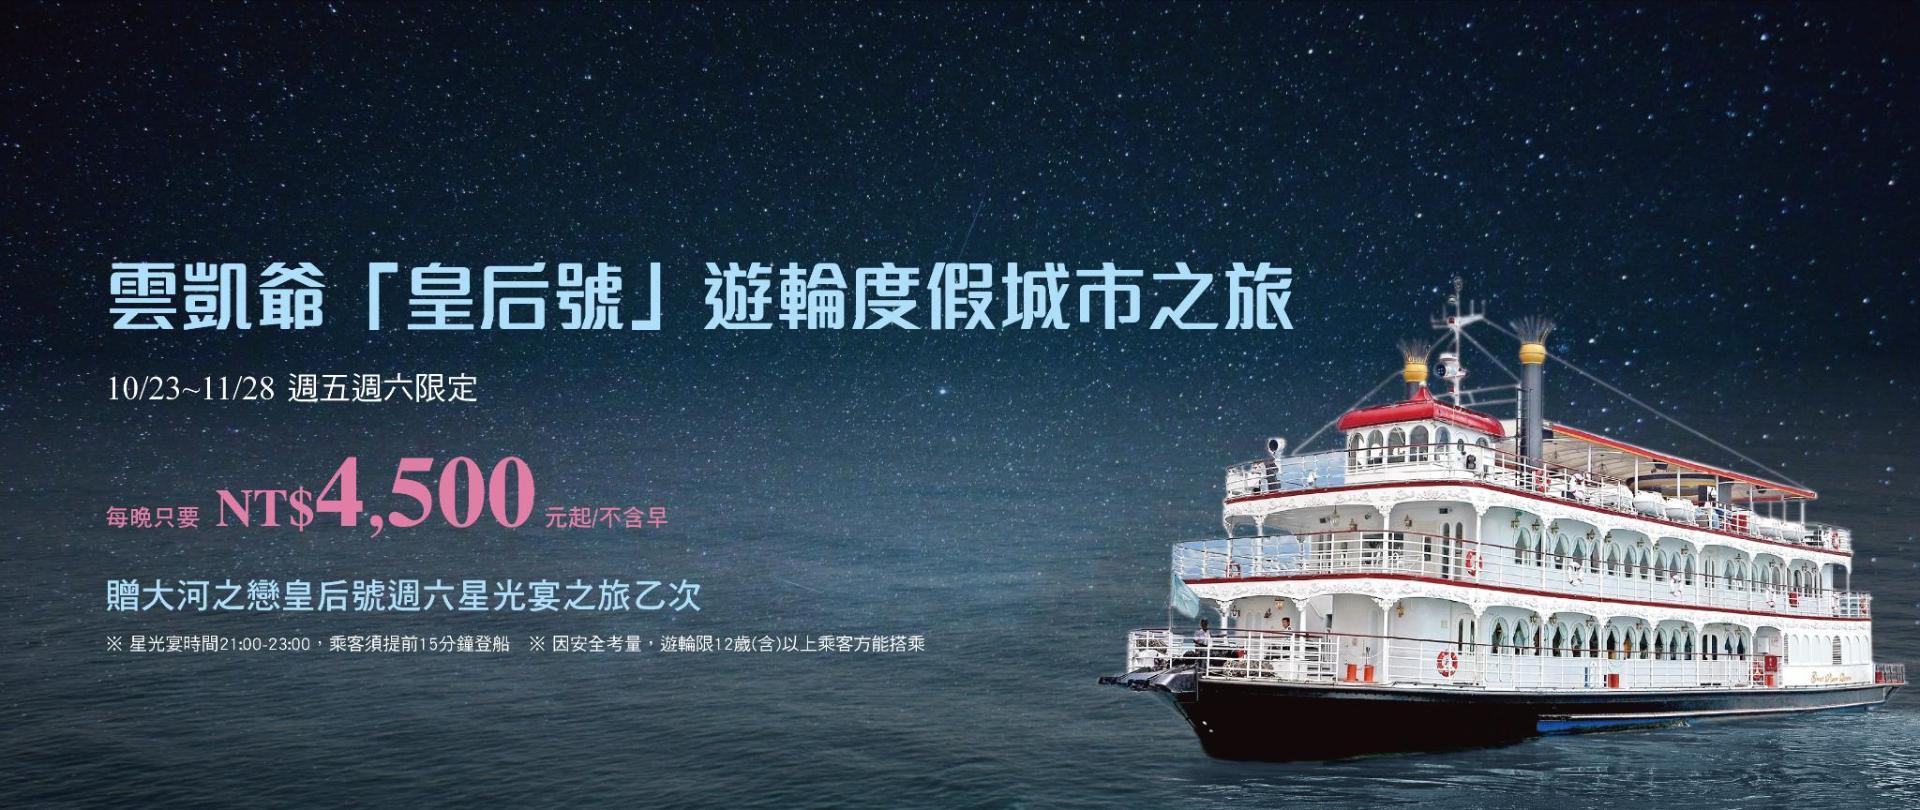 官網Slide-Show4000X1688_CLR遊輪之旅住房專案B.jpg